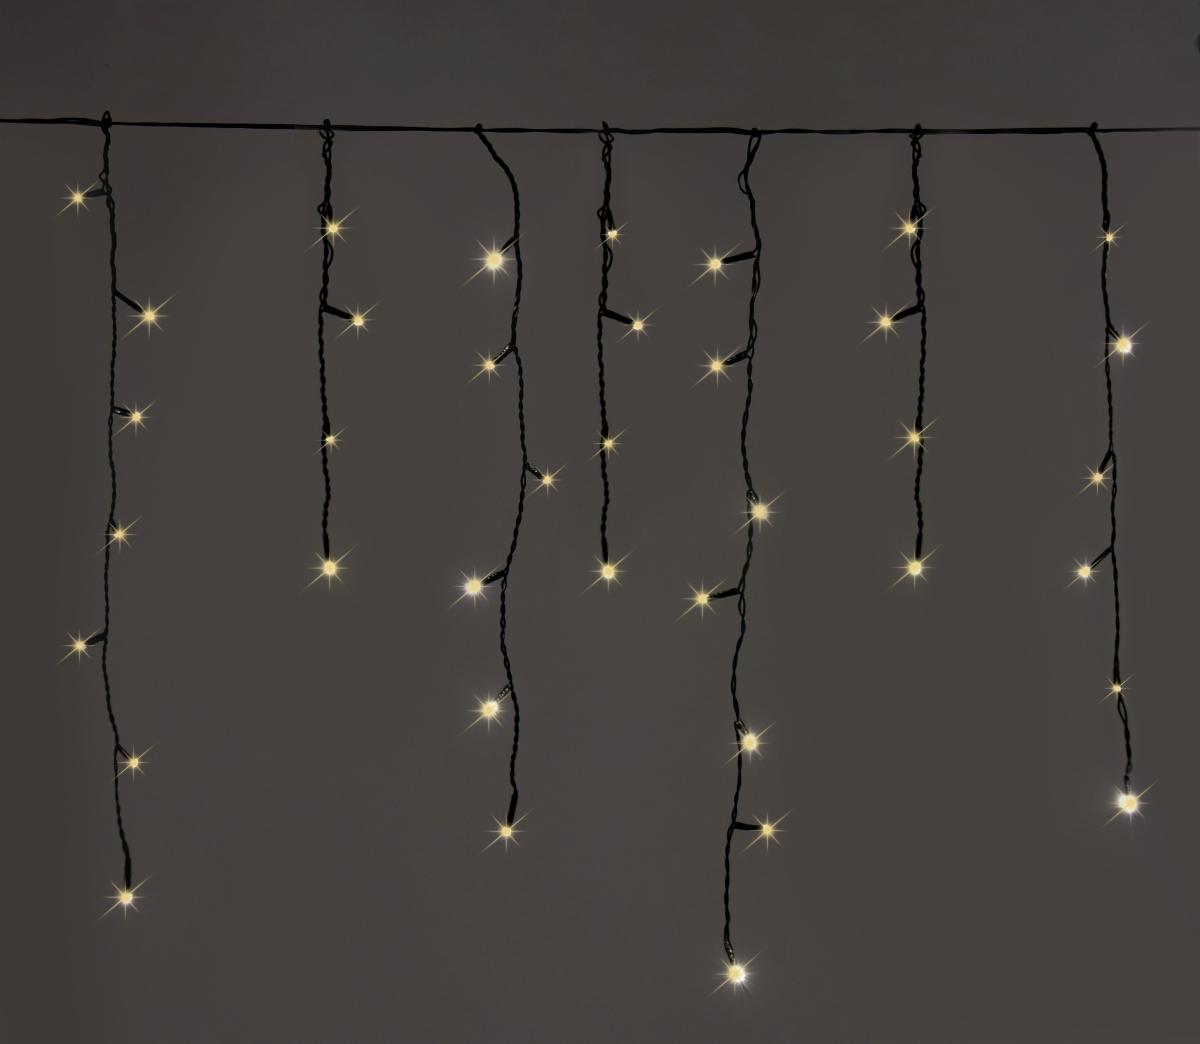 7 m LED světelný déšť, 200 LED diod, 8 programů, teplé bílé světlo